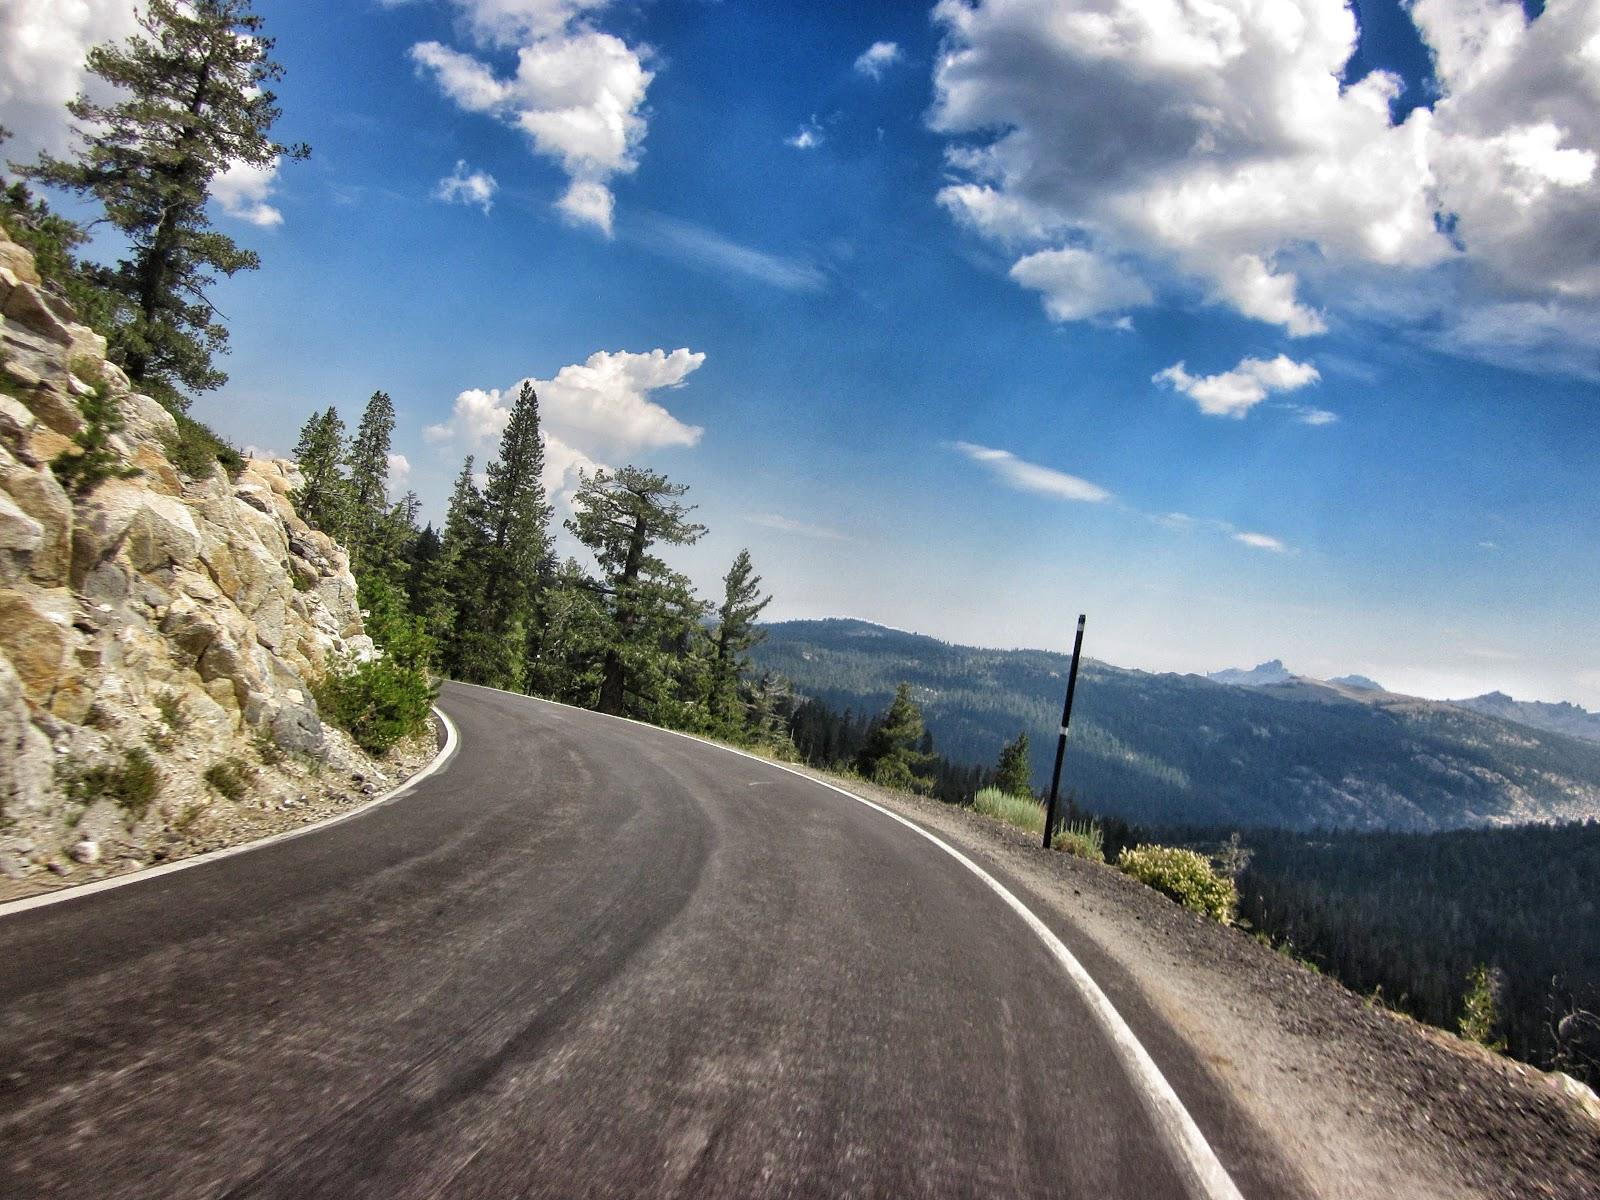 Ebbets Pass Highway